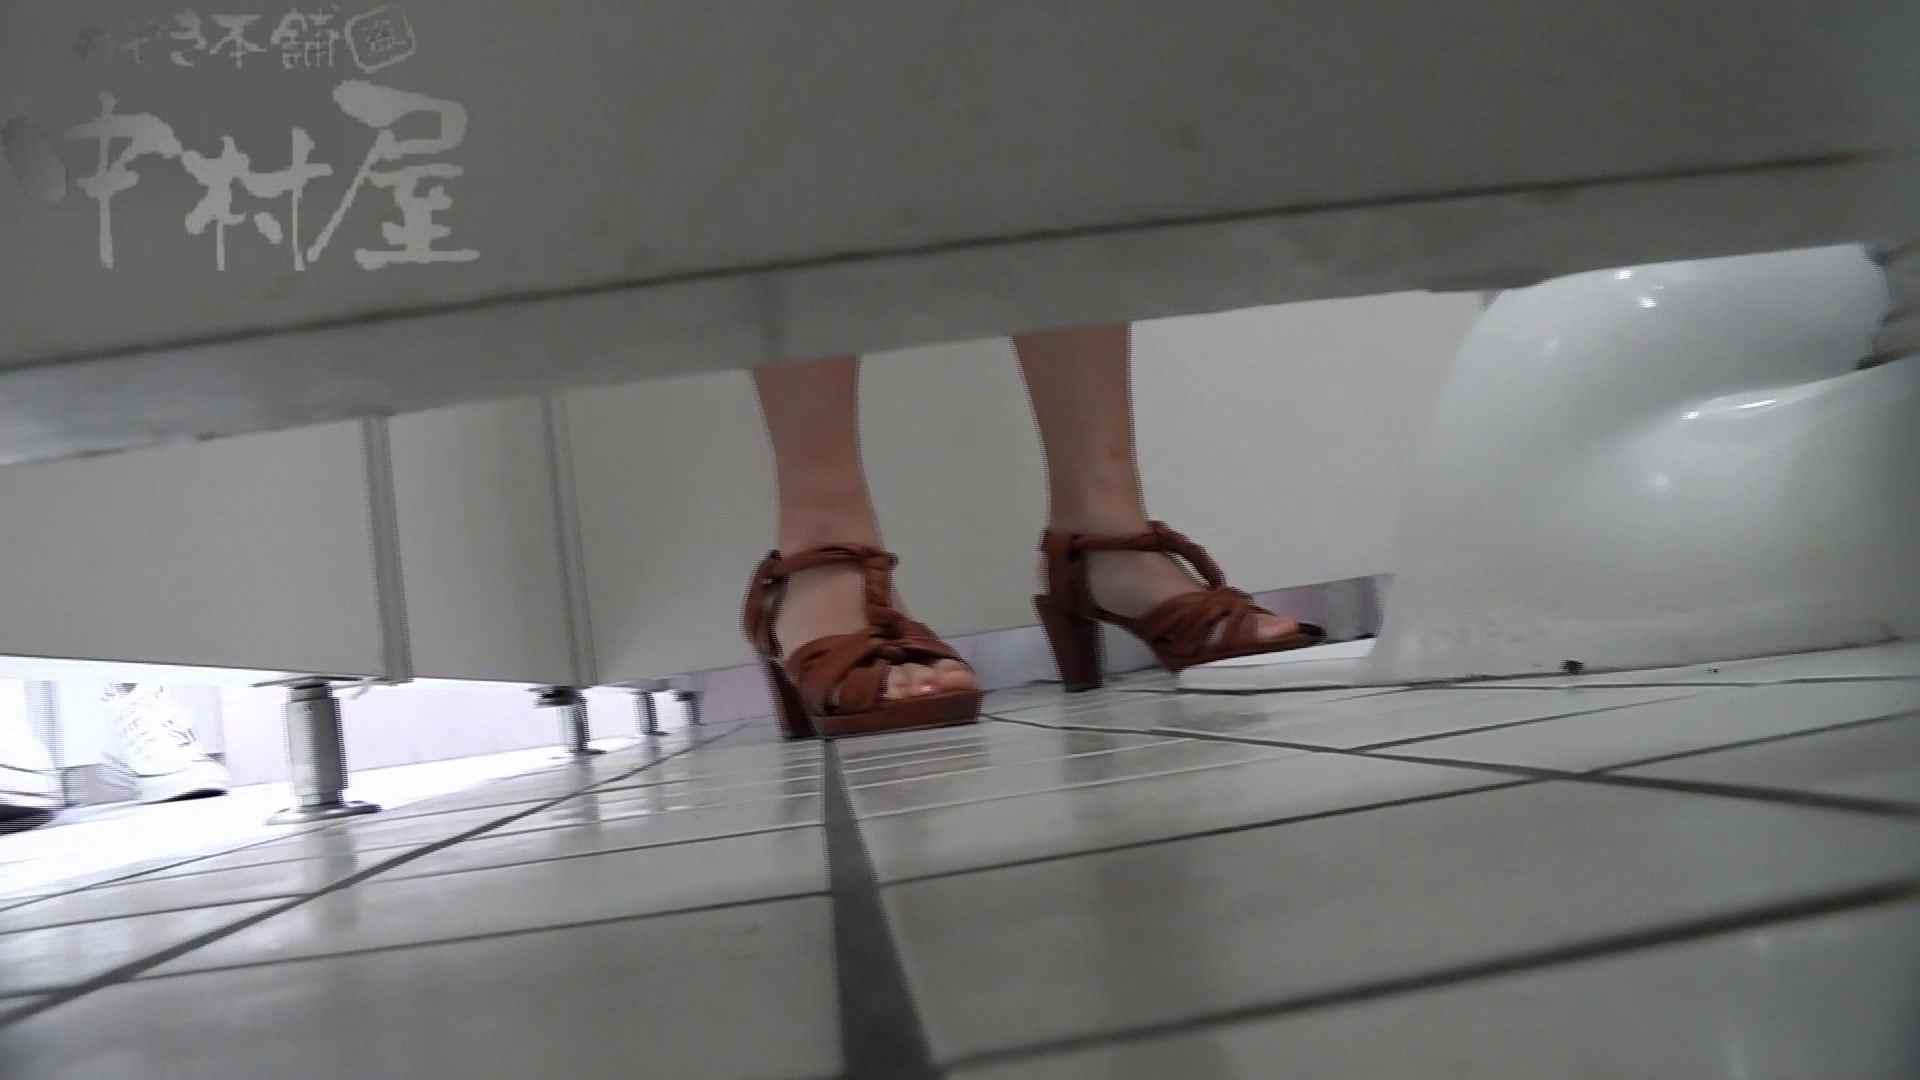 美しい日本の未来 No.34 緊迫!予告モデル撮ろうとしたら清掃員に遭遇 排泄 おまんこ動画流出 12pic 12